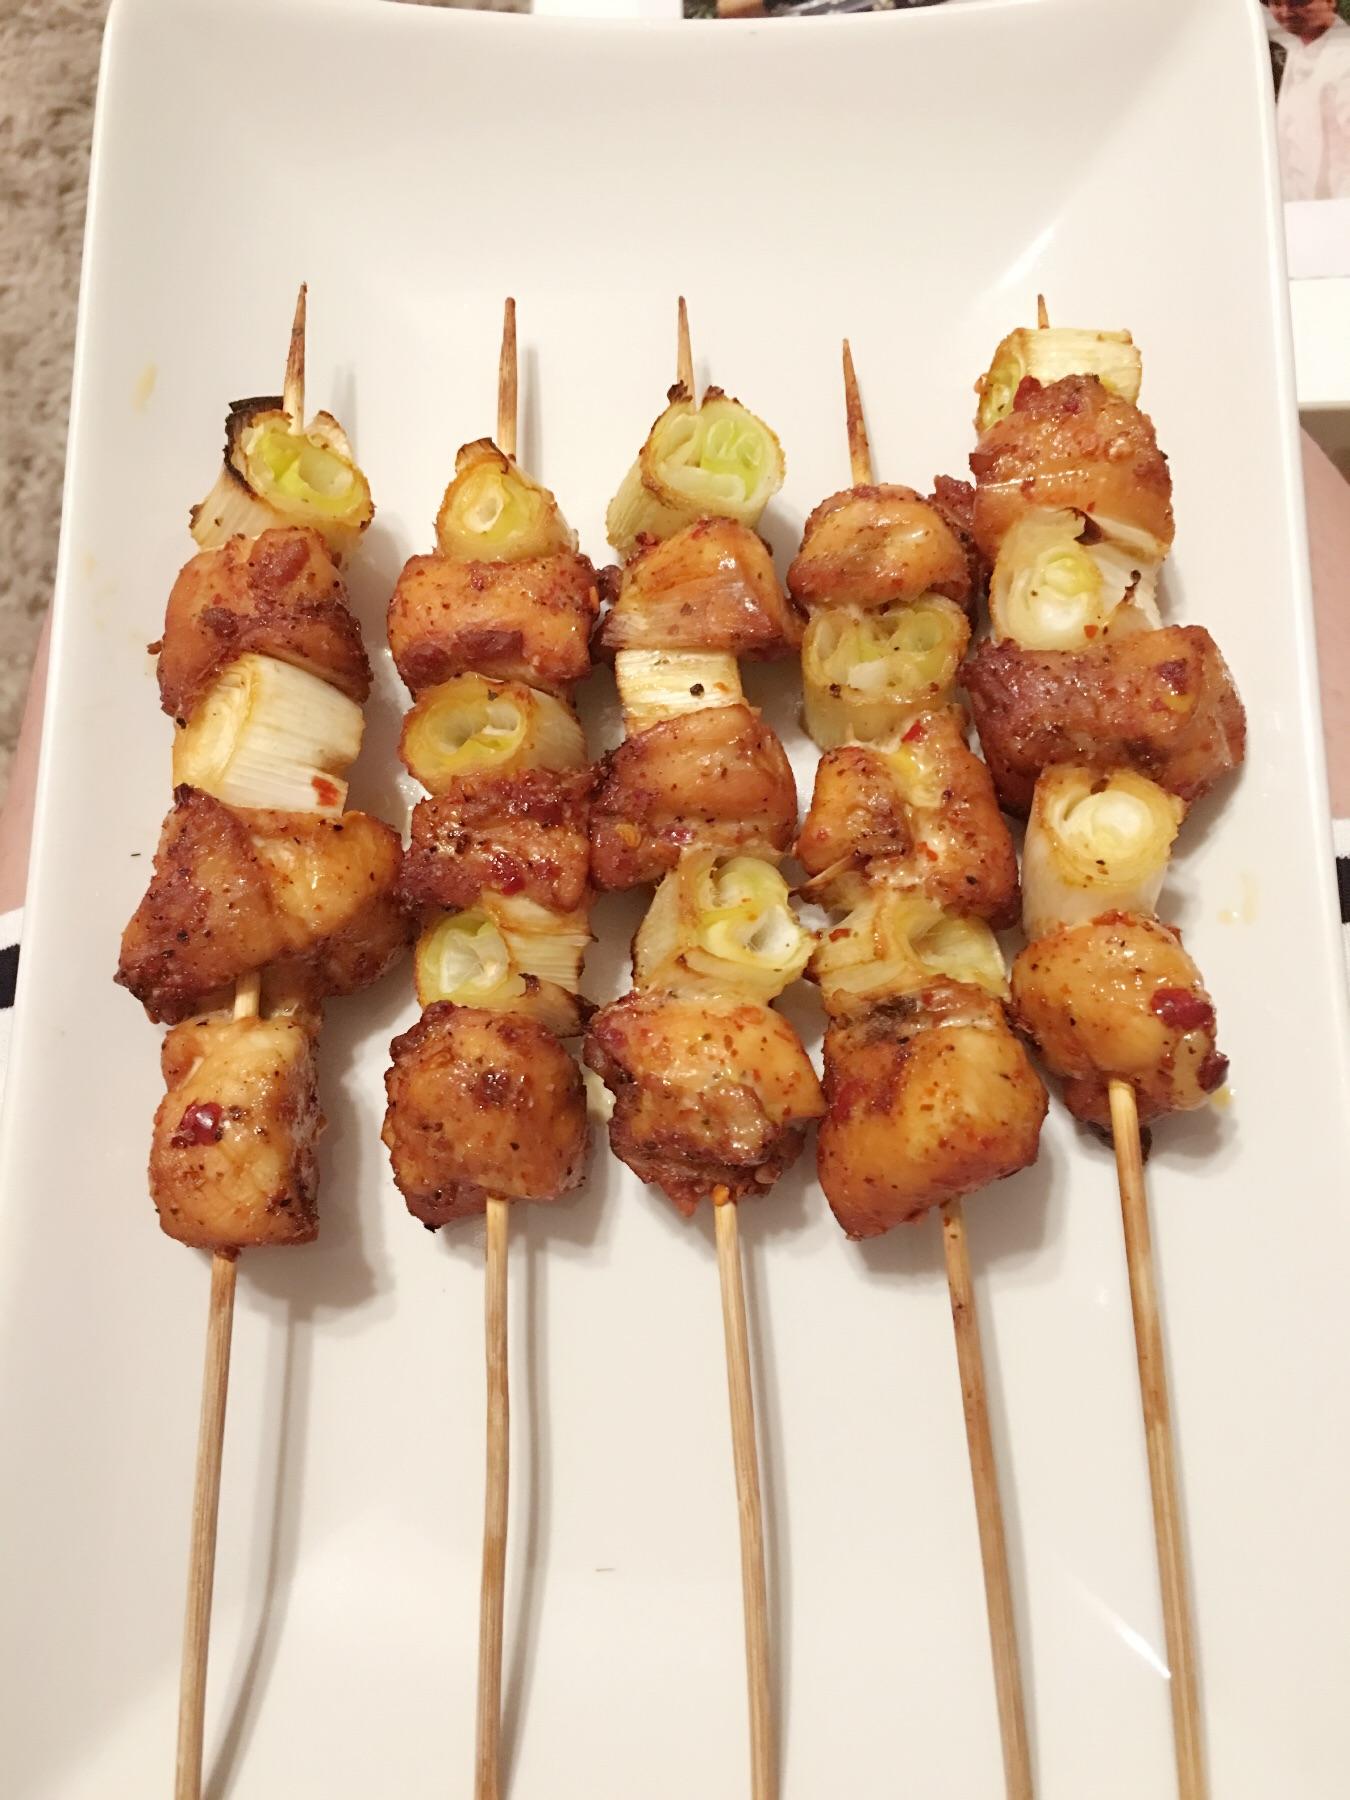 刺火烤_烧鸟屋大葱鸡肉烤串